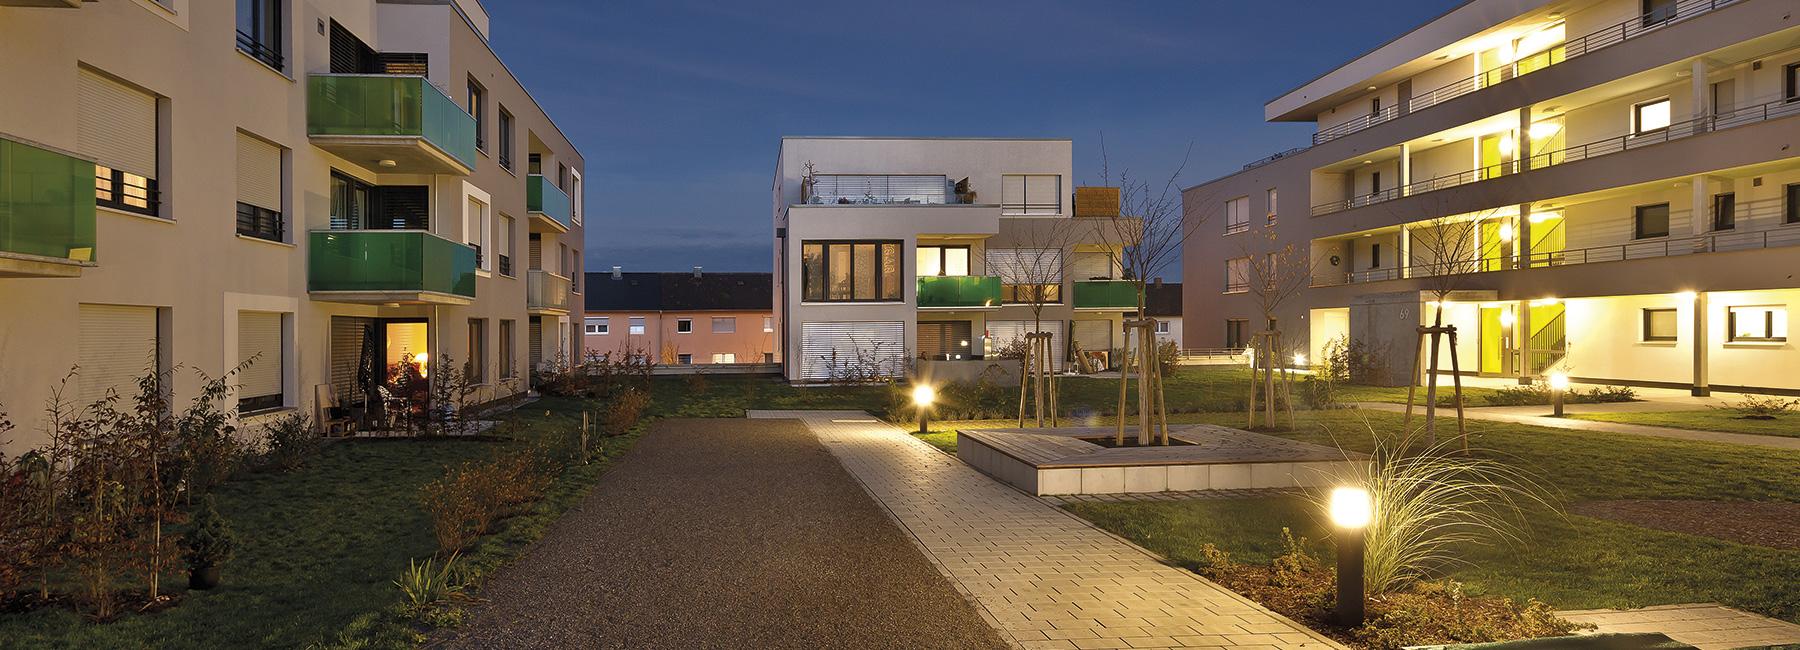 Wohnungen an der Oberen Halde am Rehnenhof der VGW Schwäbisch Gmünd